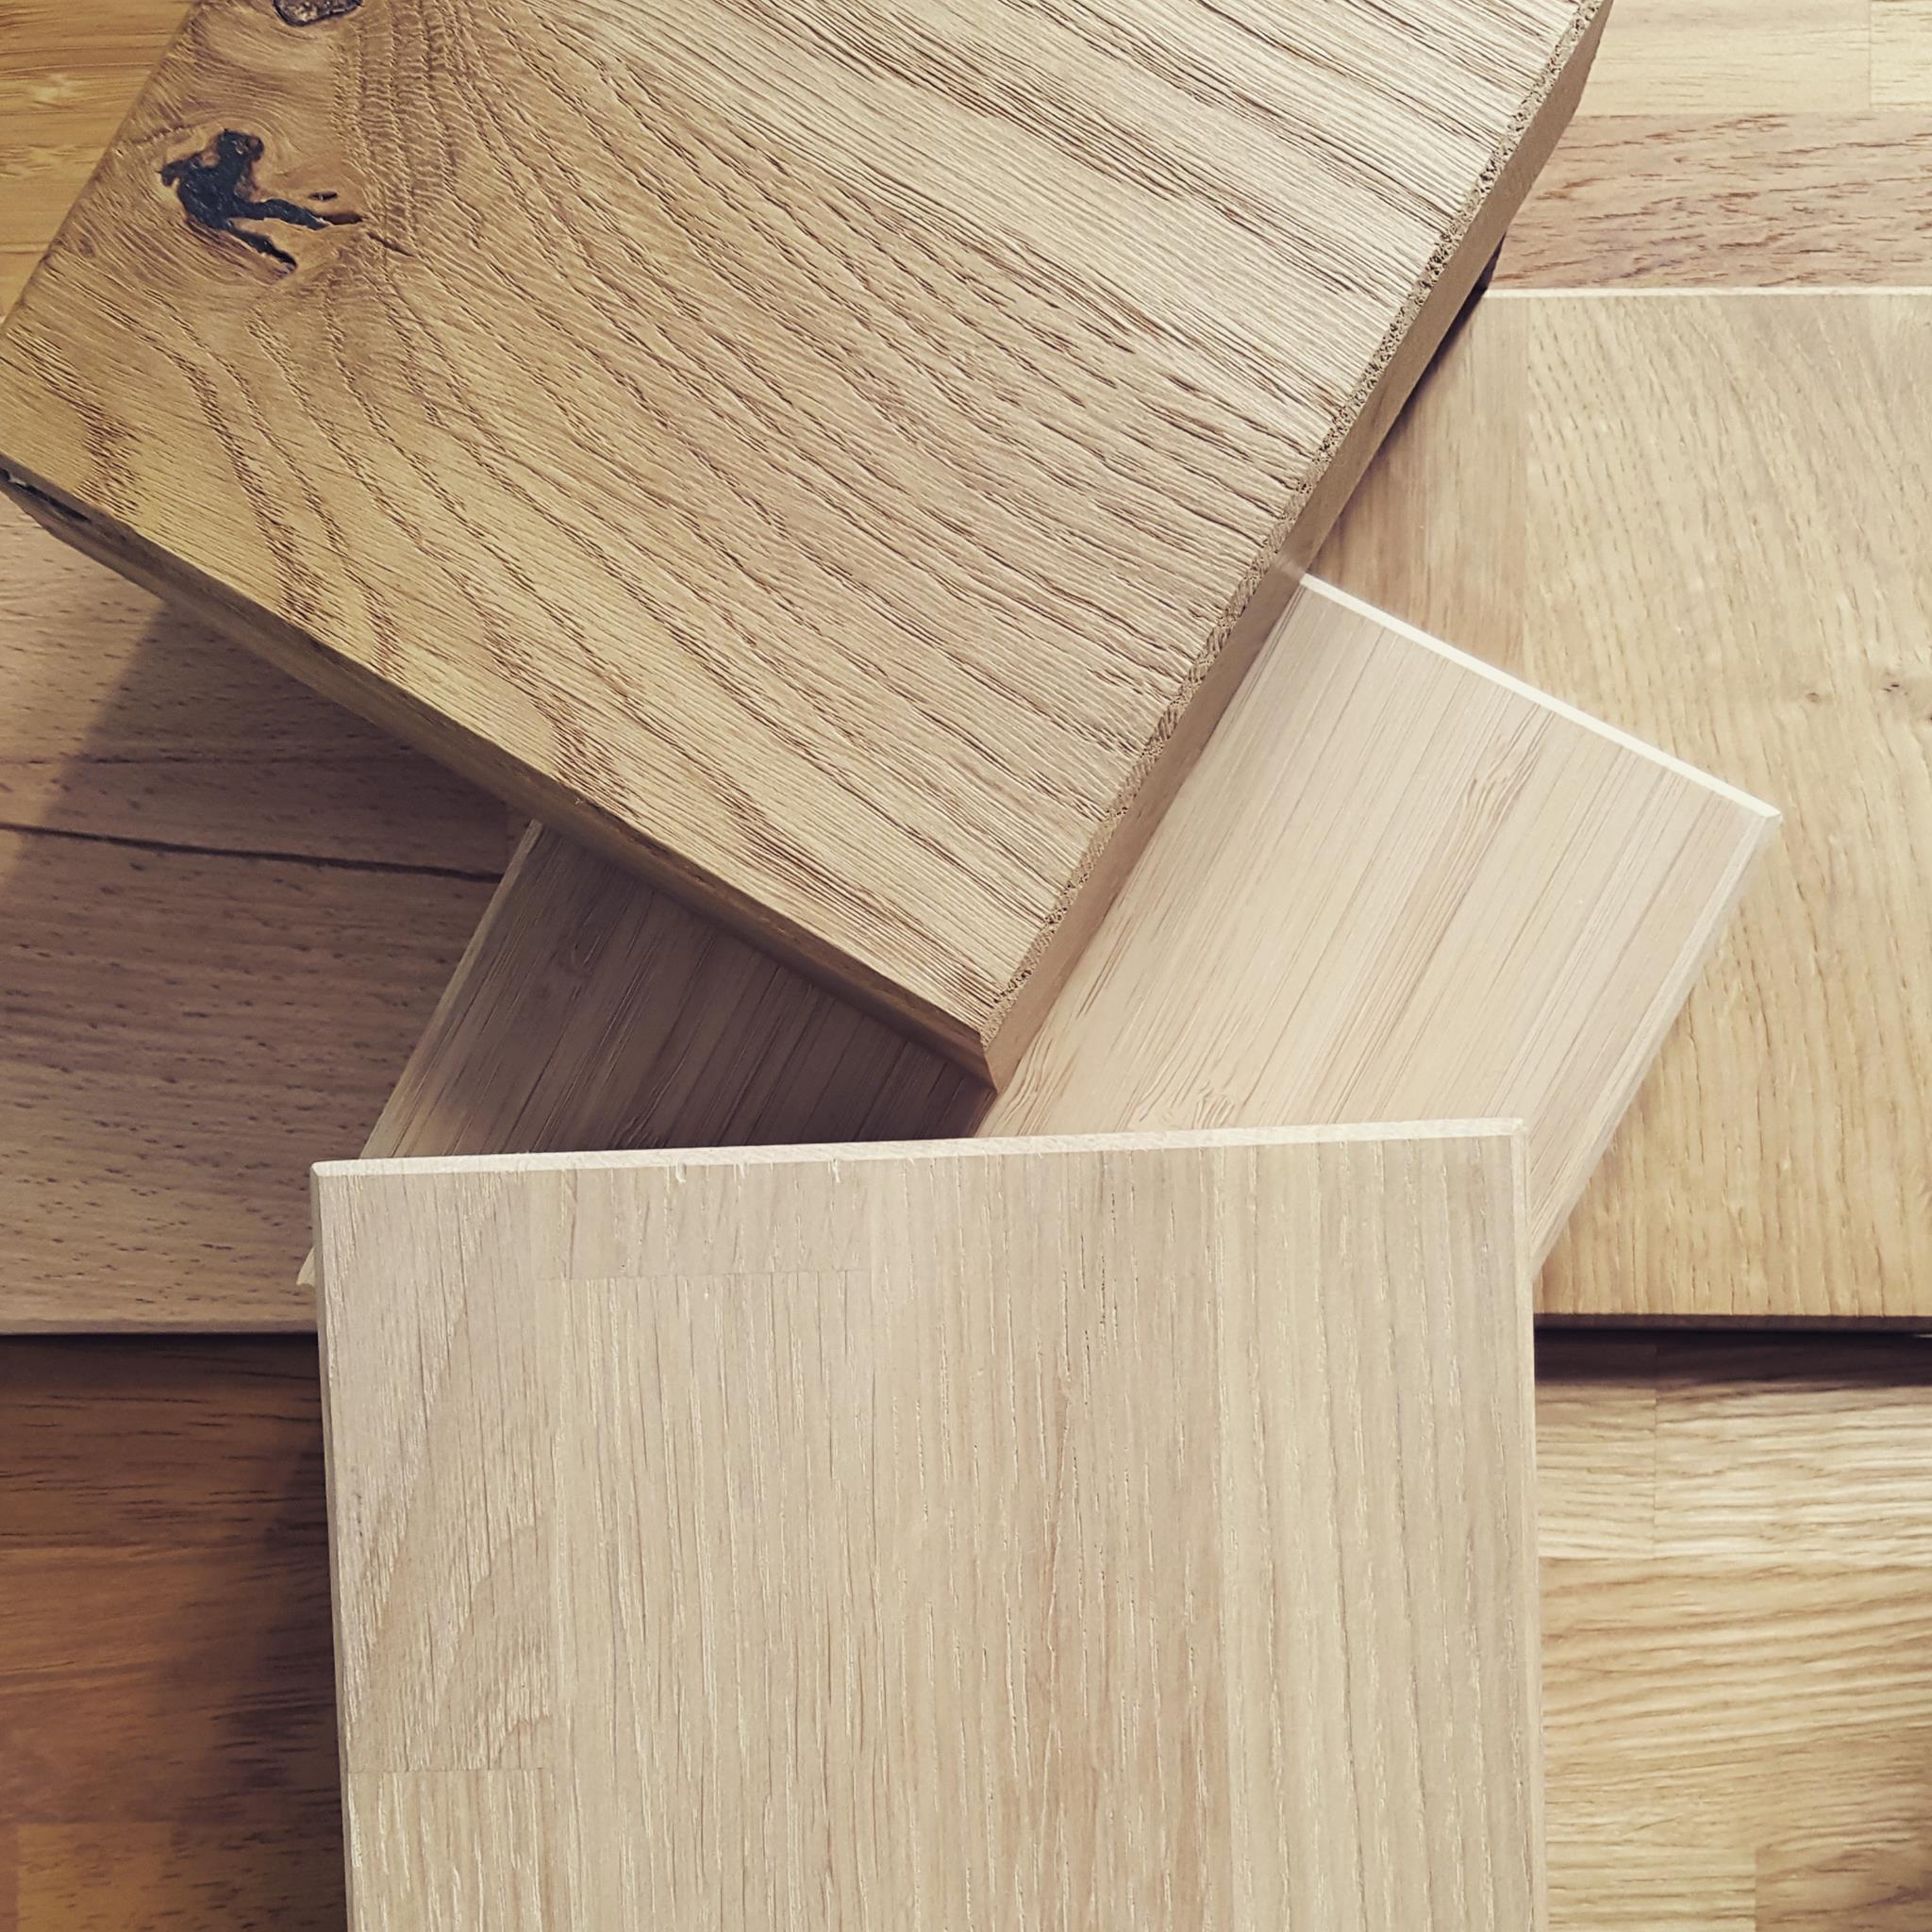 plan de travail en bois laméllé collé